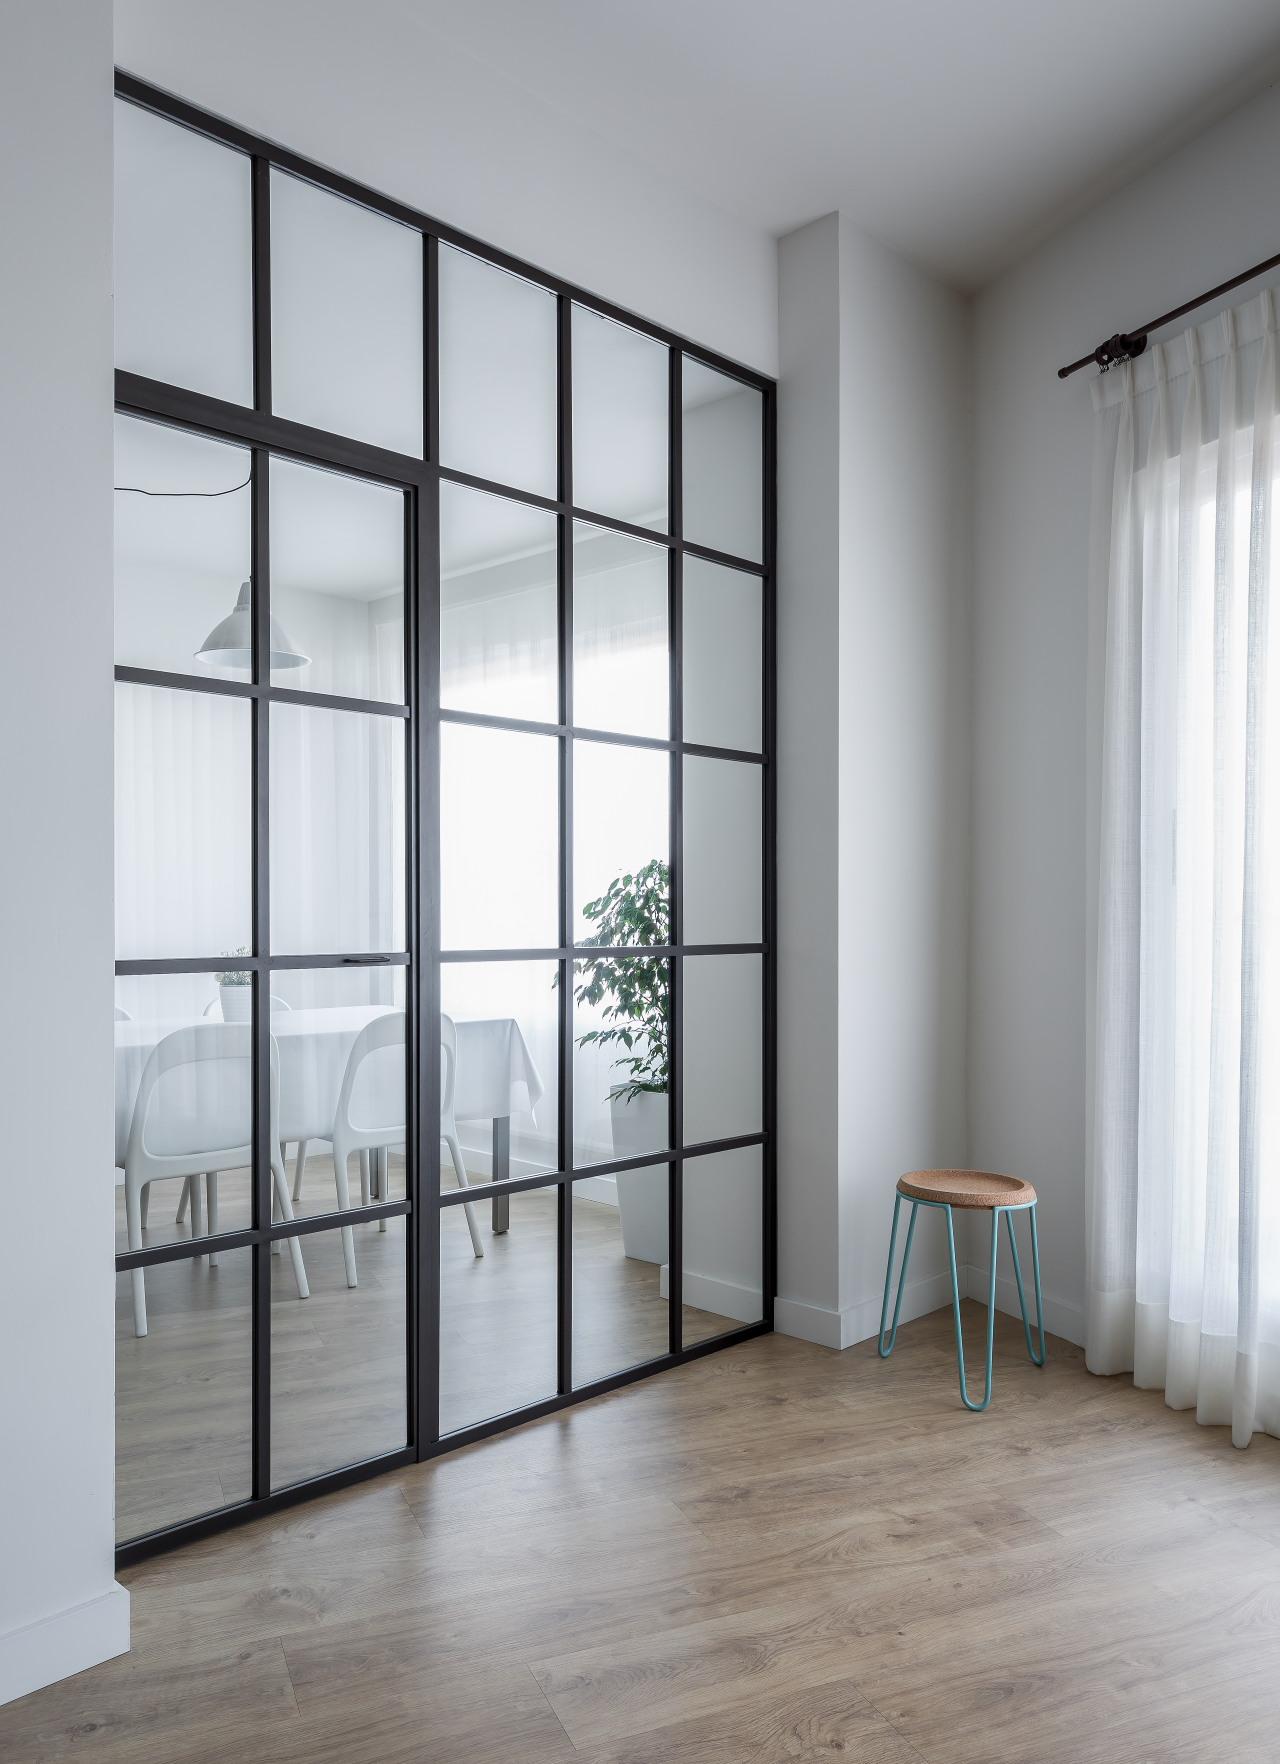 fotografia-arquitectura-valencia-german-cabo-mariola-torre-en-conill (8)